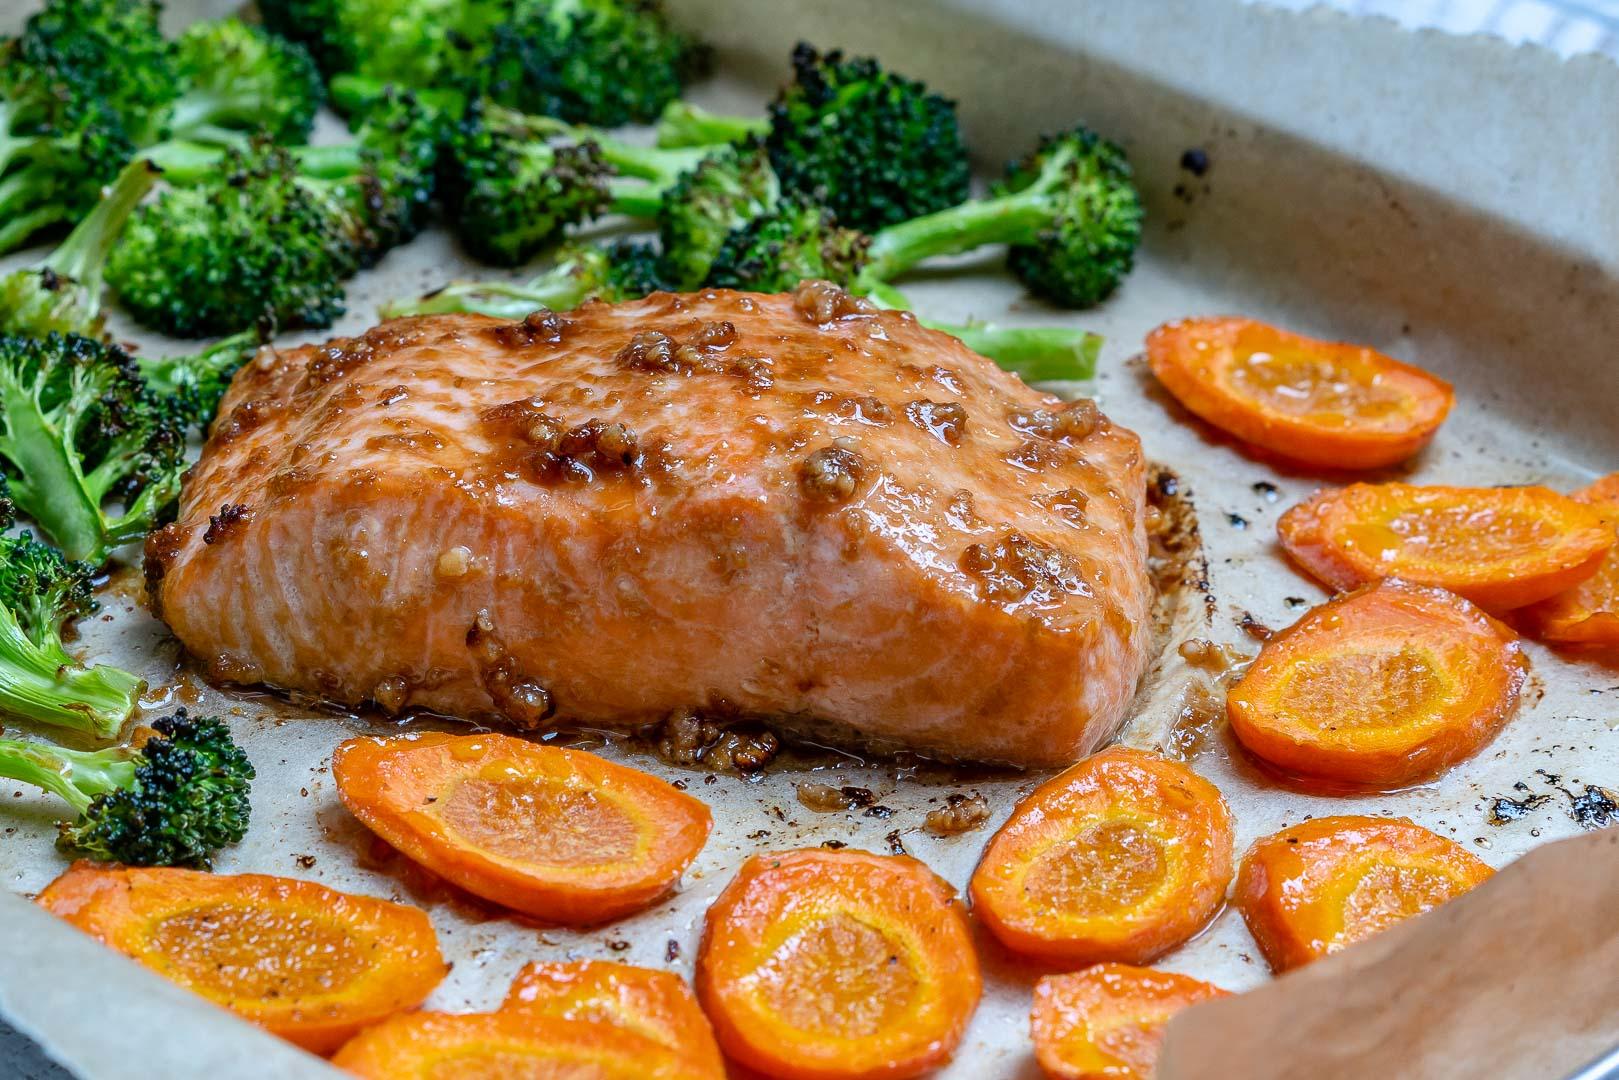 Teriyaki Salmon with Sesame Seeds